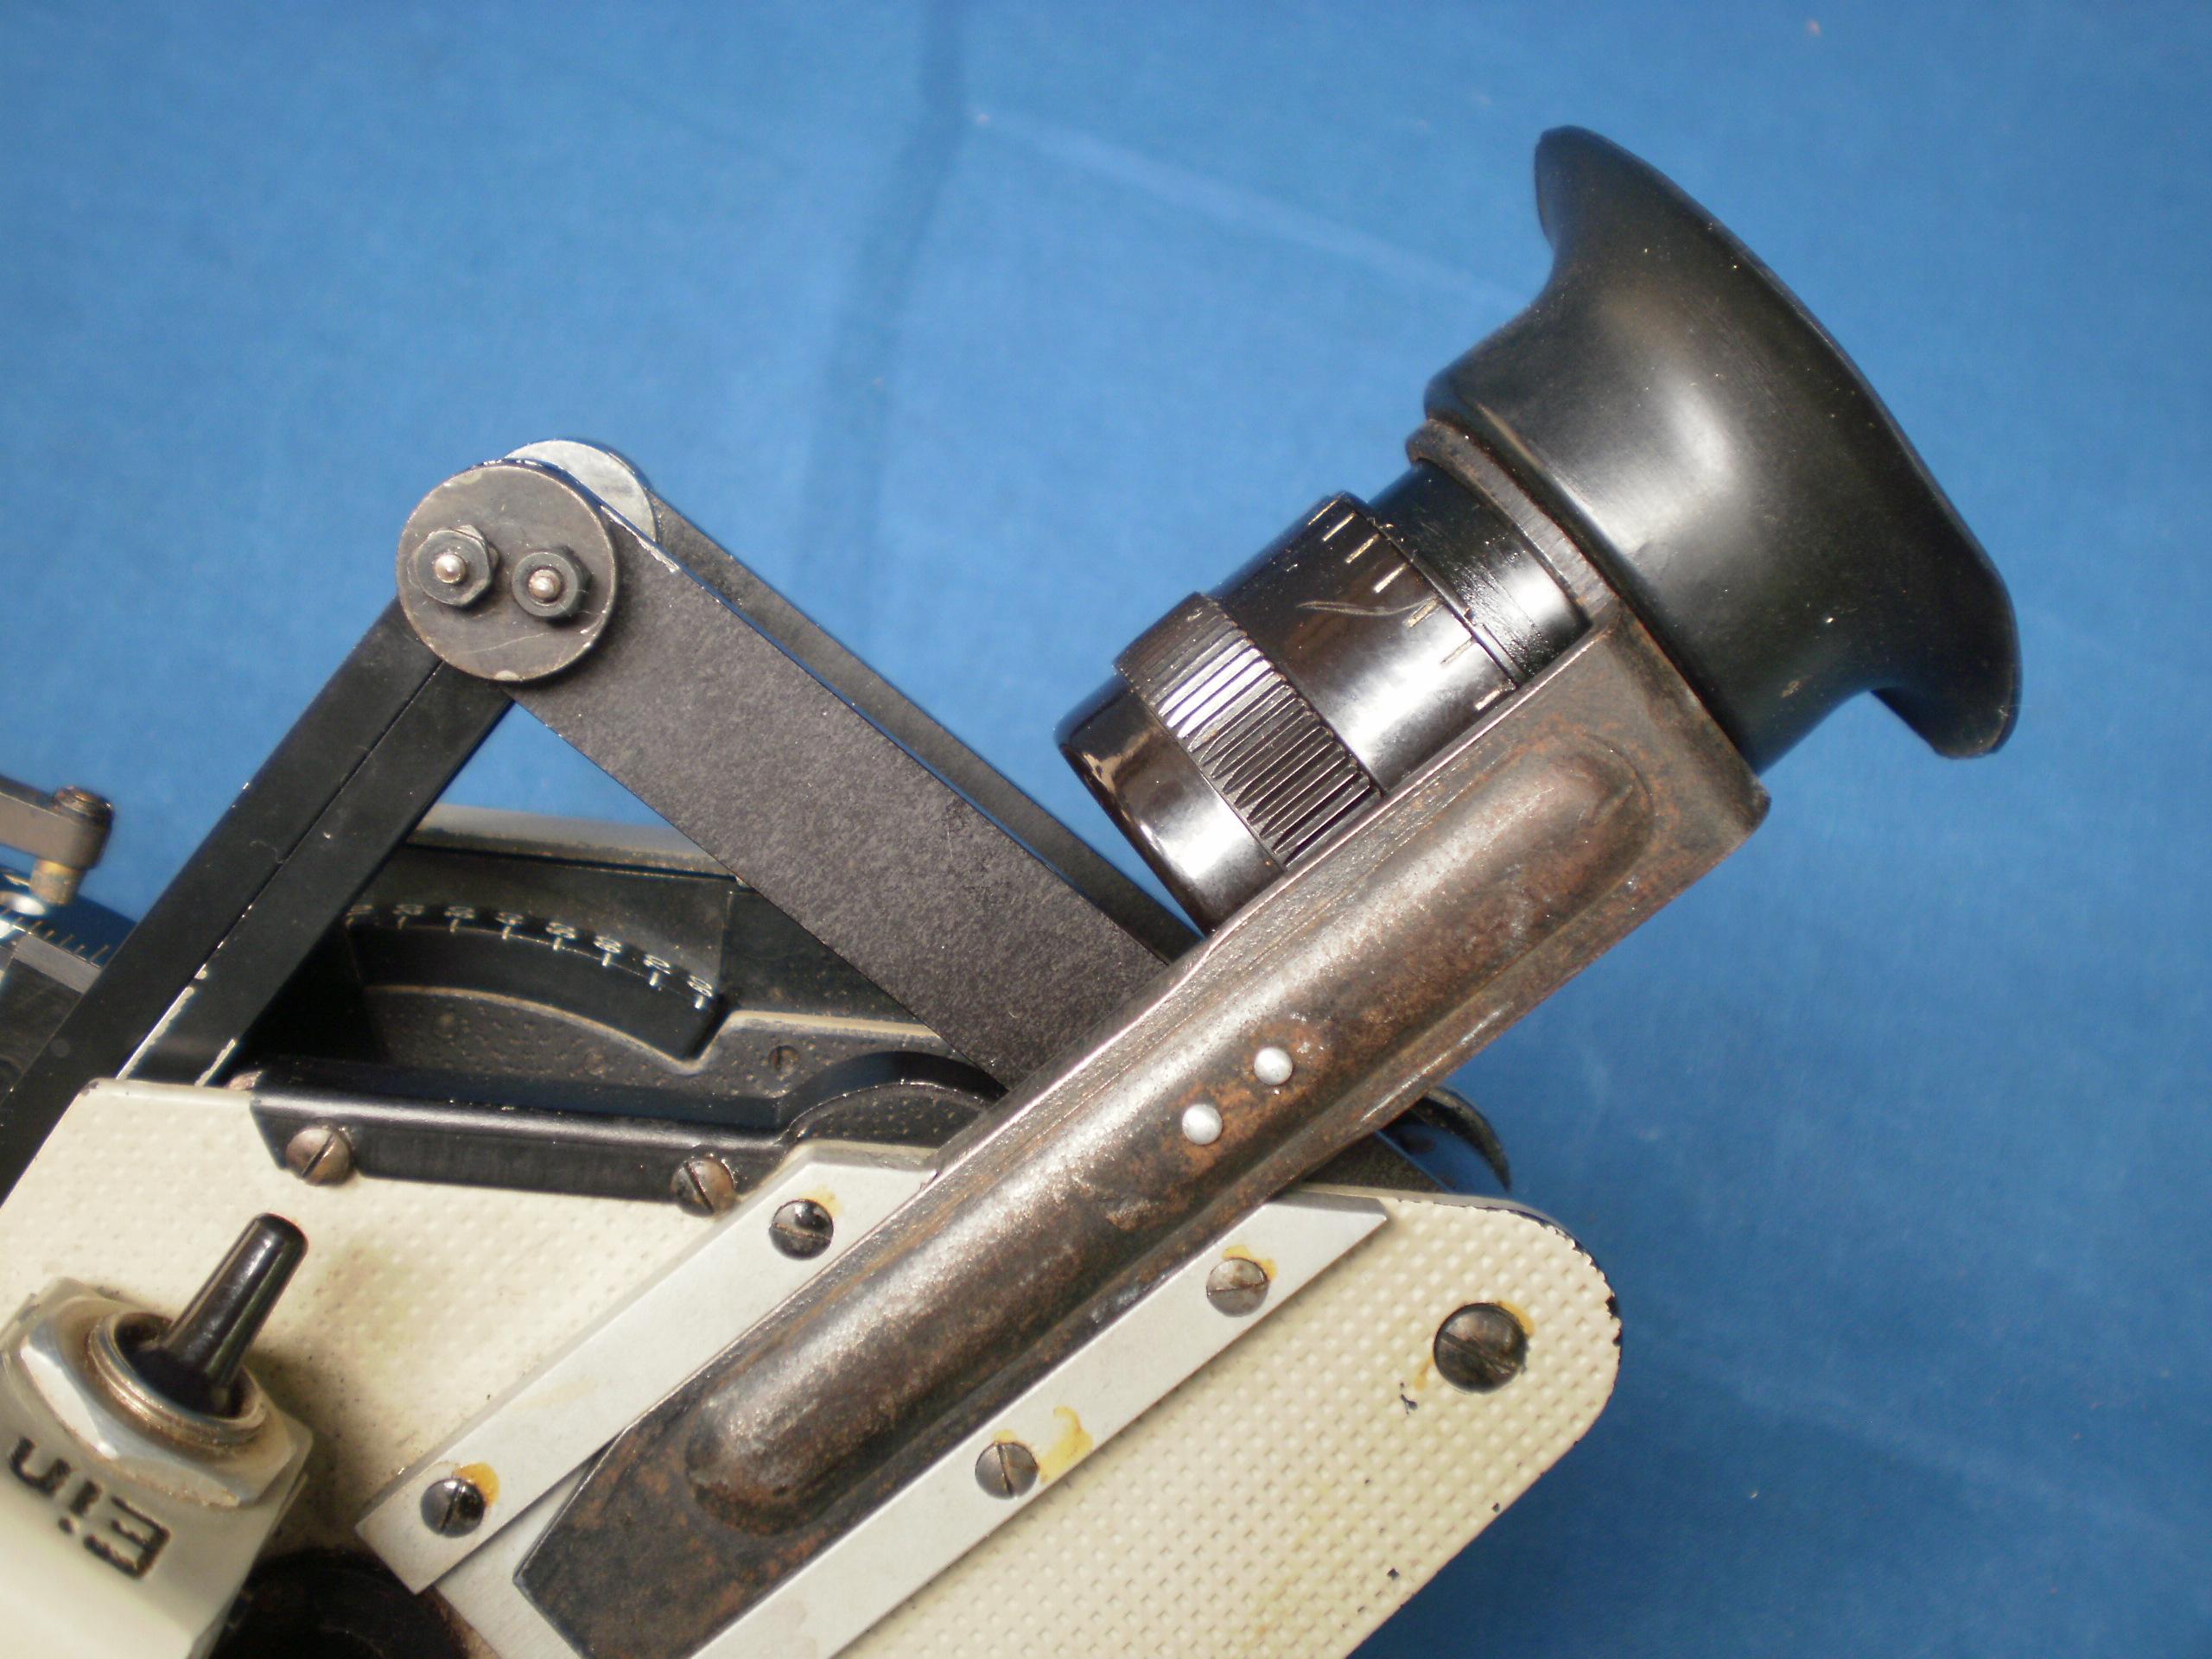 Figure 24: Telescope in place.